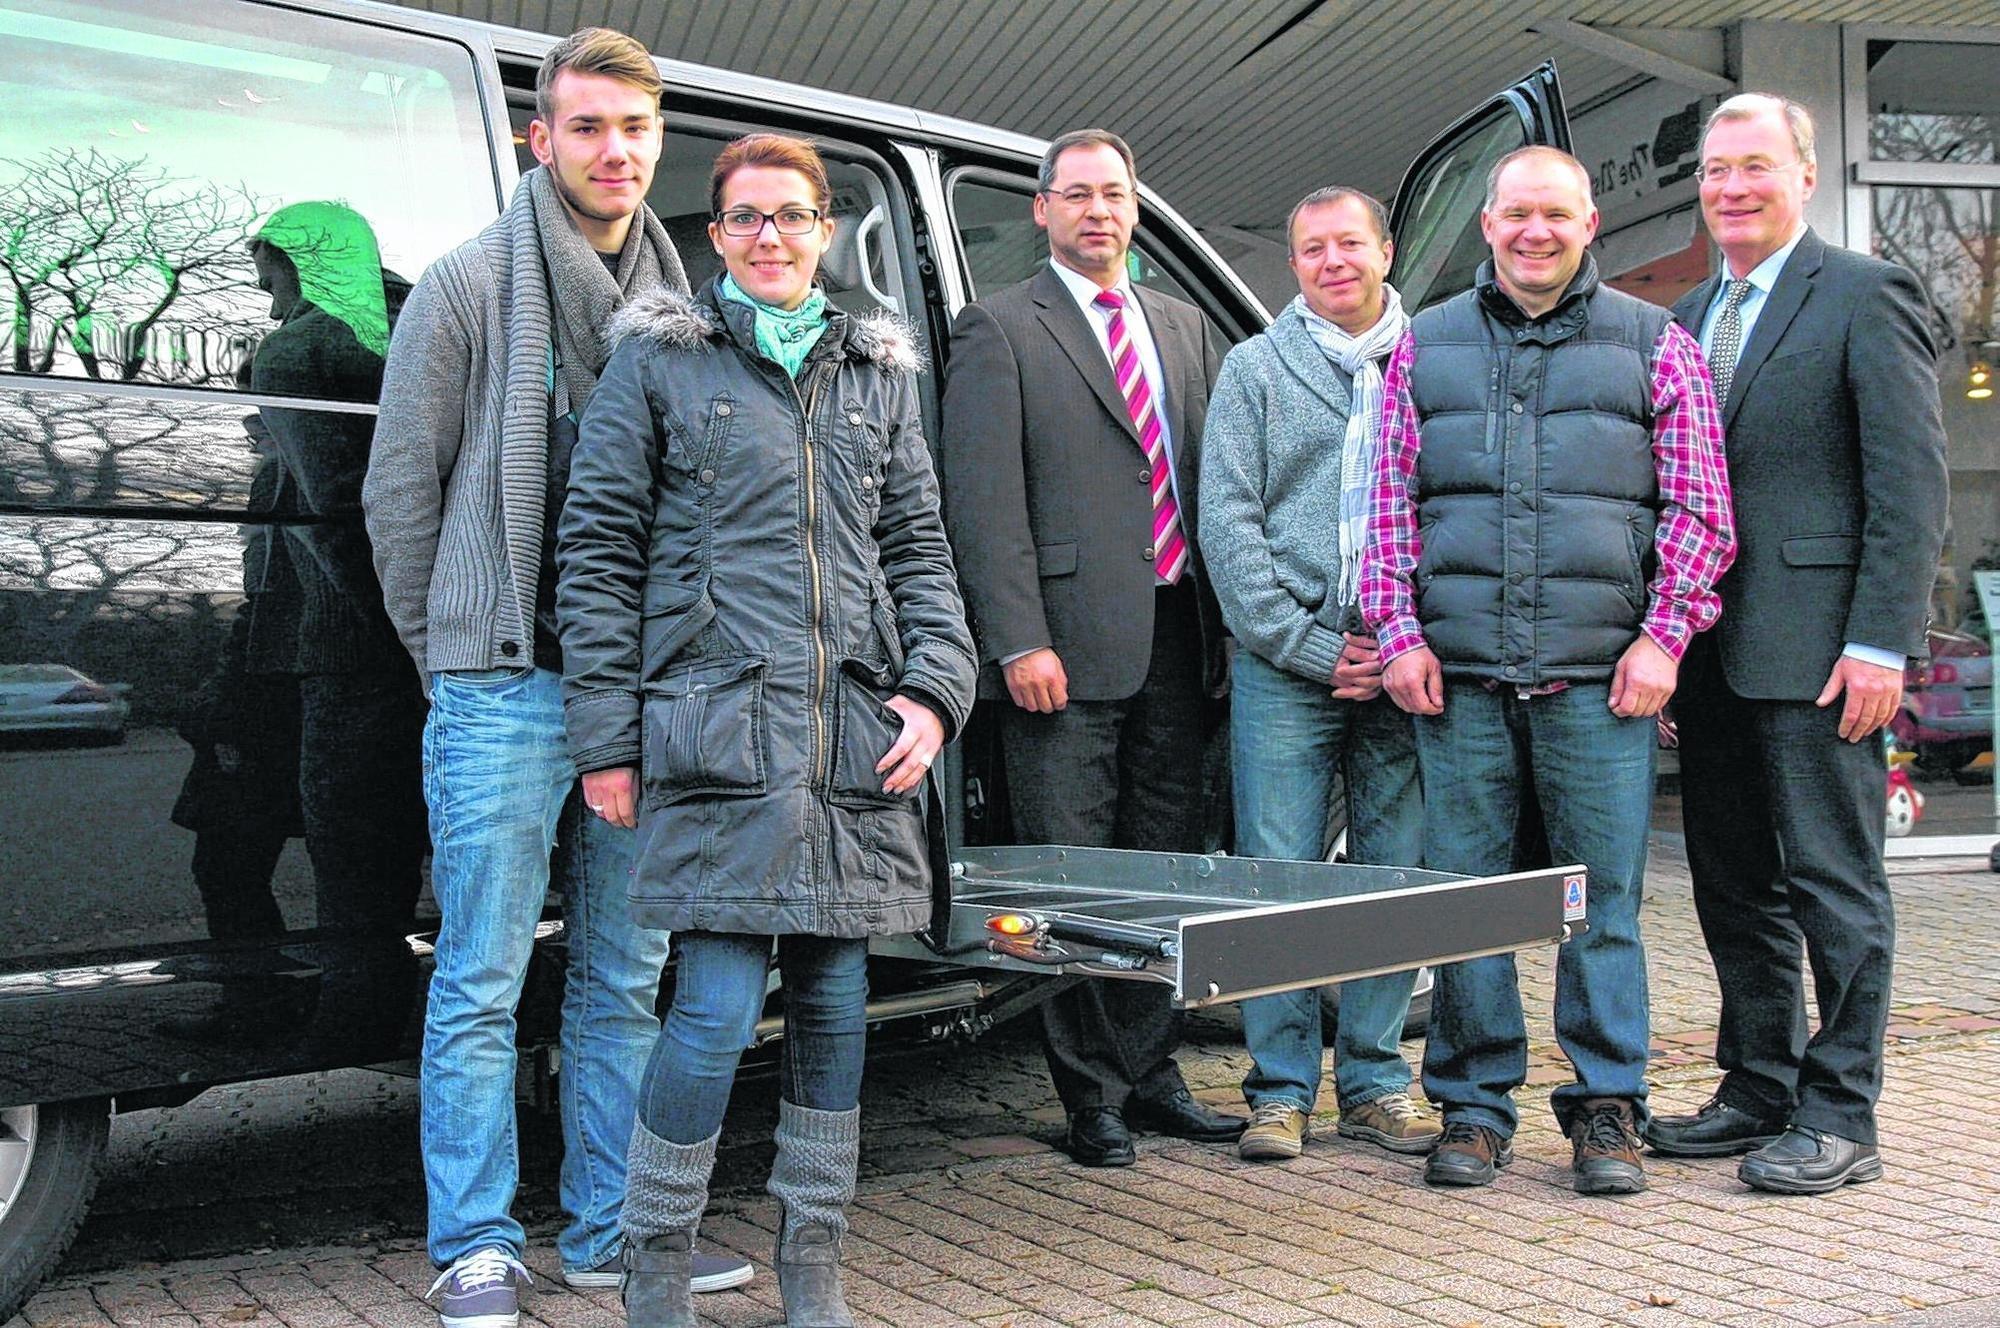 Das ist der bus f r kathrin rosenberger schwetzingen - Rampe bauen fur rollstuhl ...